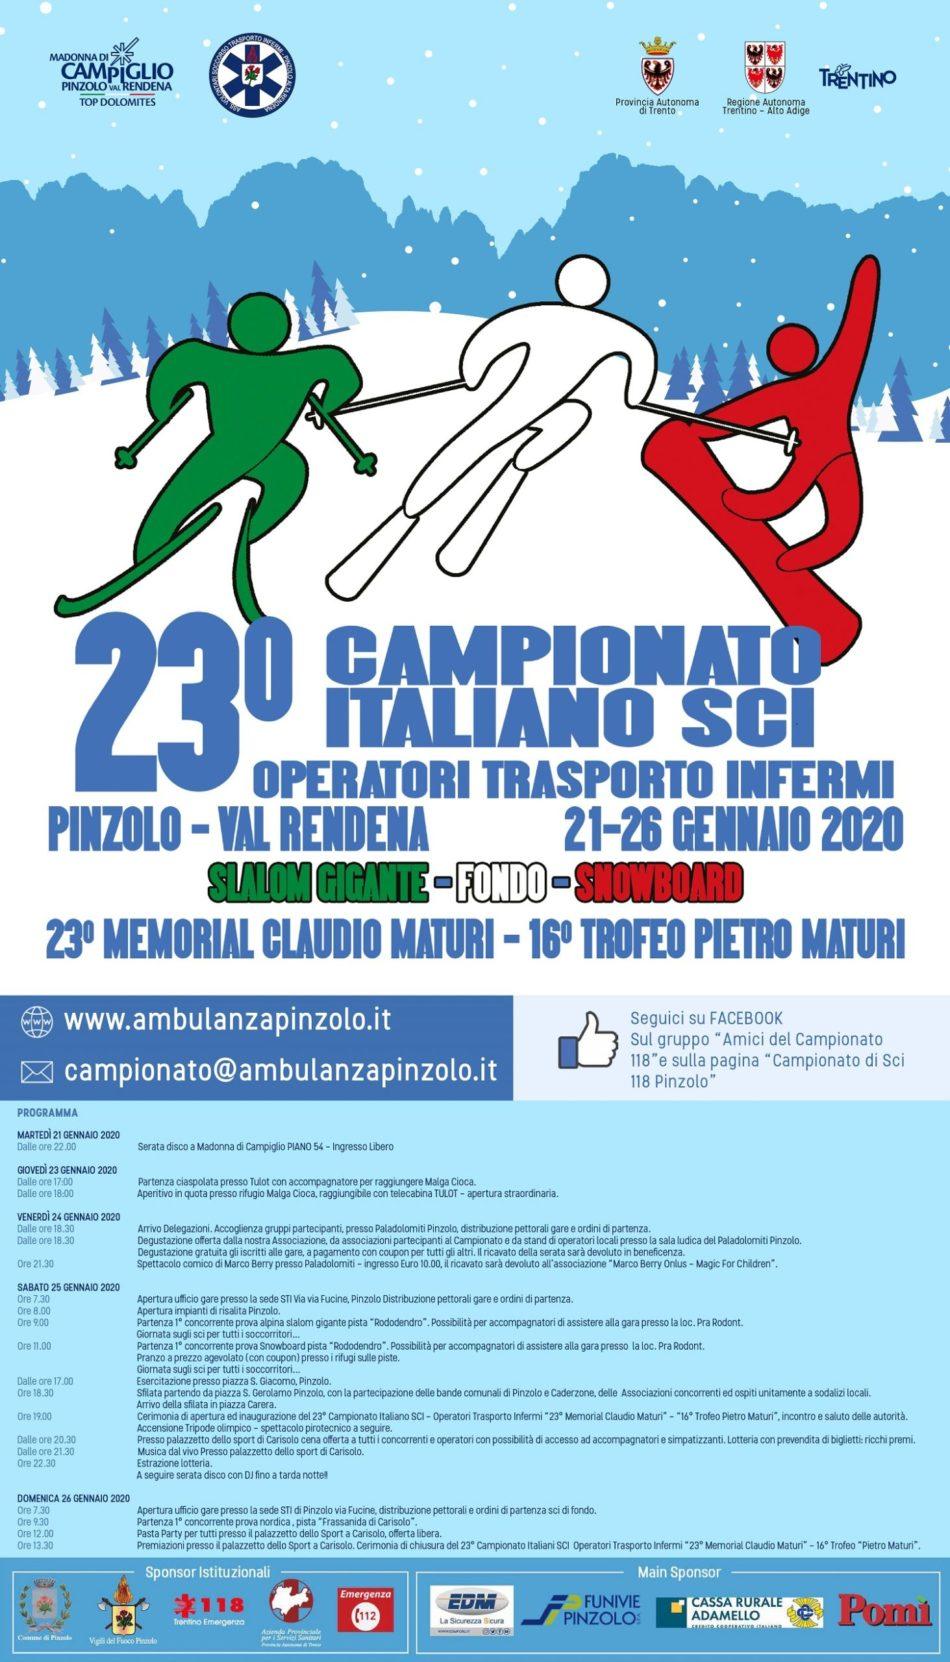 23° Campionato Italiano Sci Operatori Trasporto Infermi